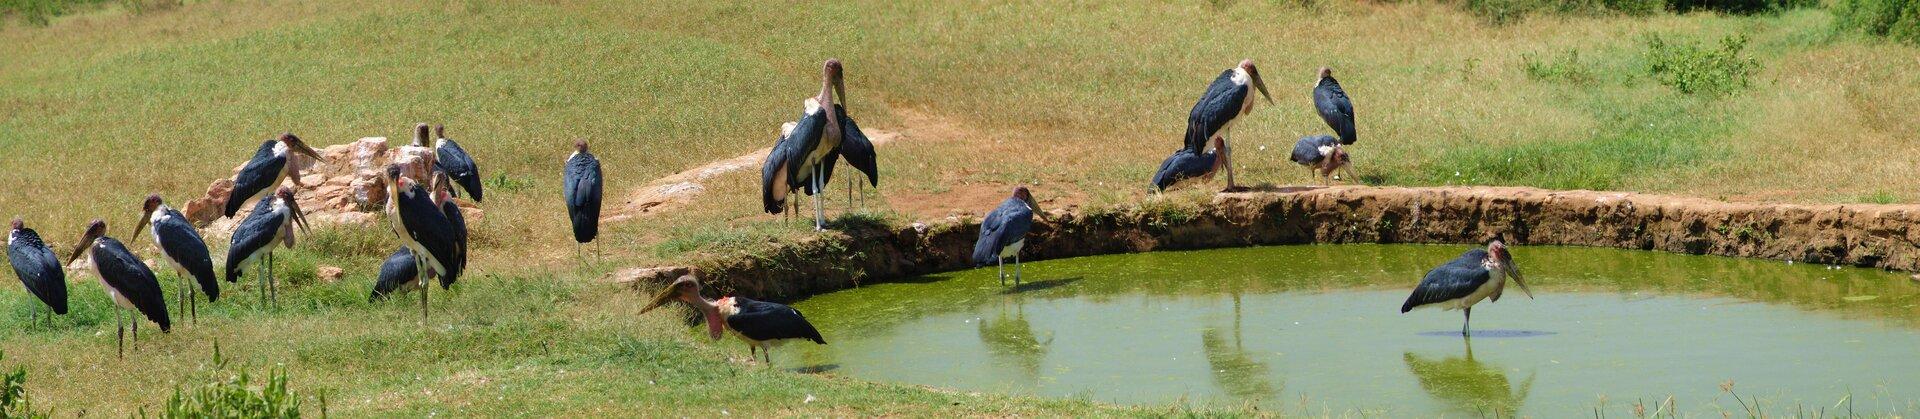 Fotografia przedstawia stado marabutów na brzegu sadzawki. Ptaki przypominają sylwetką bociany. Mają czarne skrzydła, białe szyje, czerwone dzioby inogi. Głowy iszyje są pozbawione piór. Trzy ptaki stoją wwodzie, reszta na brzegu. Sylwetka ptaków jest zgarbiona, gdyż podwijają one szyje.